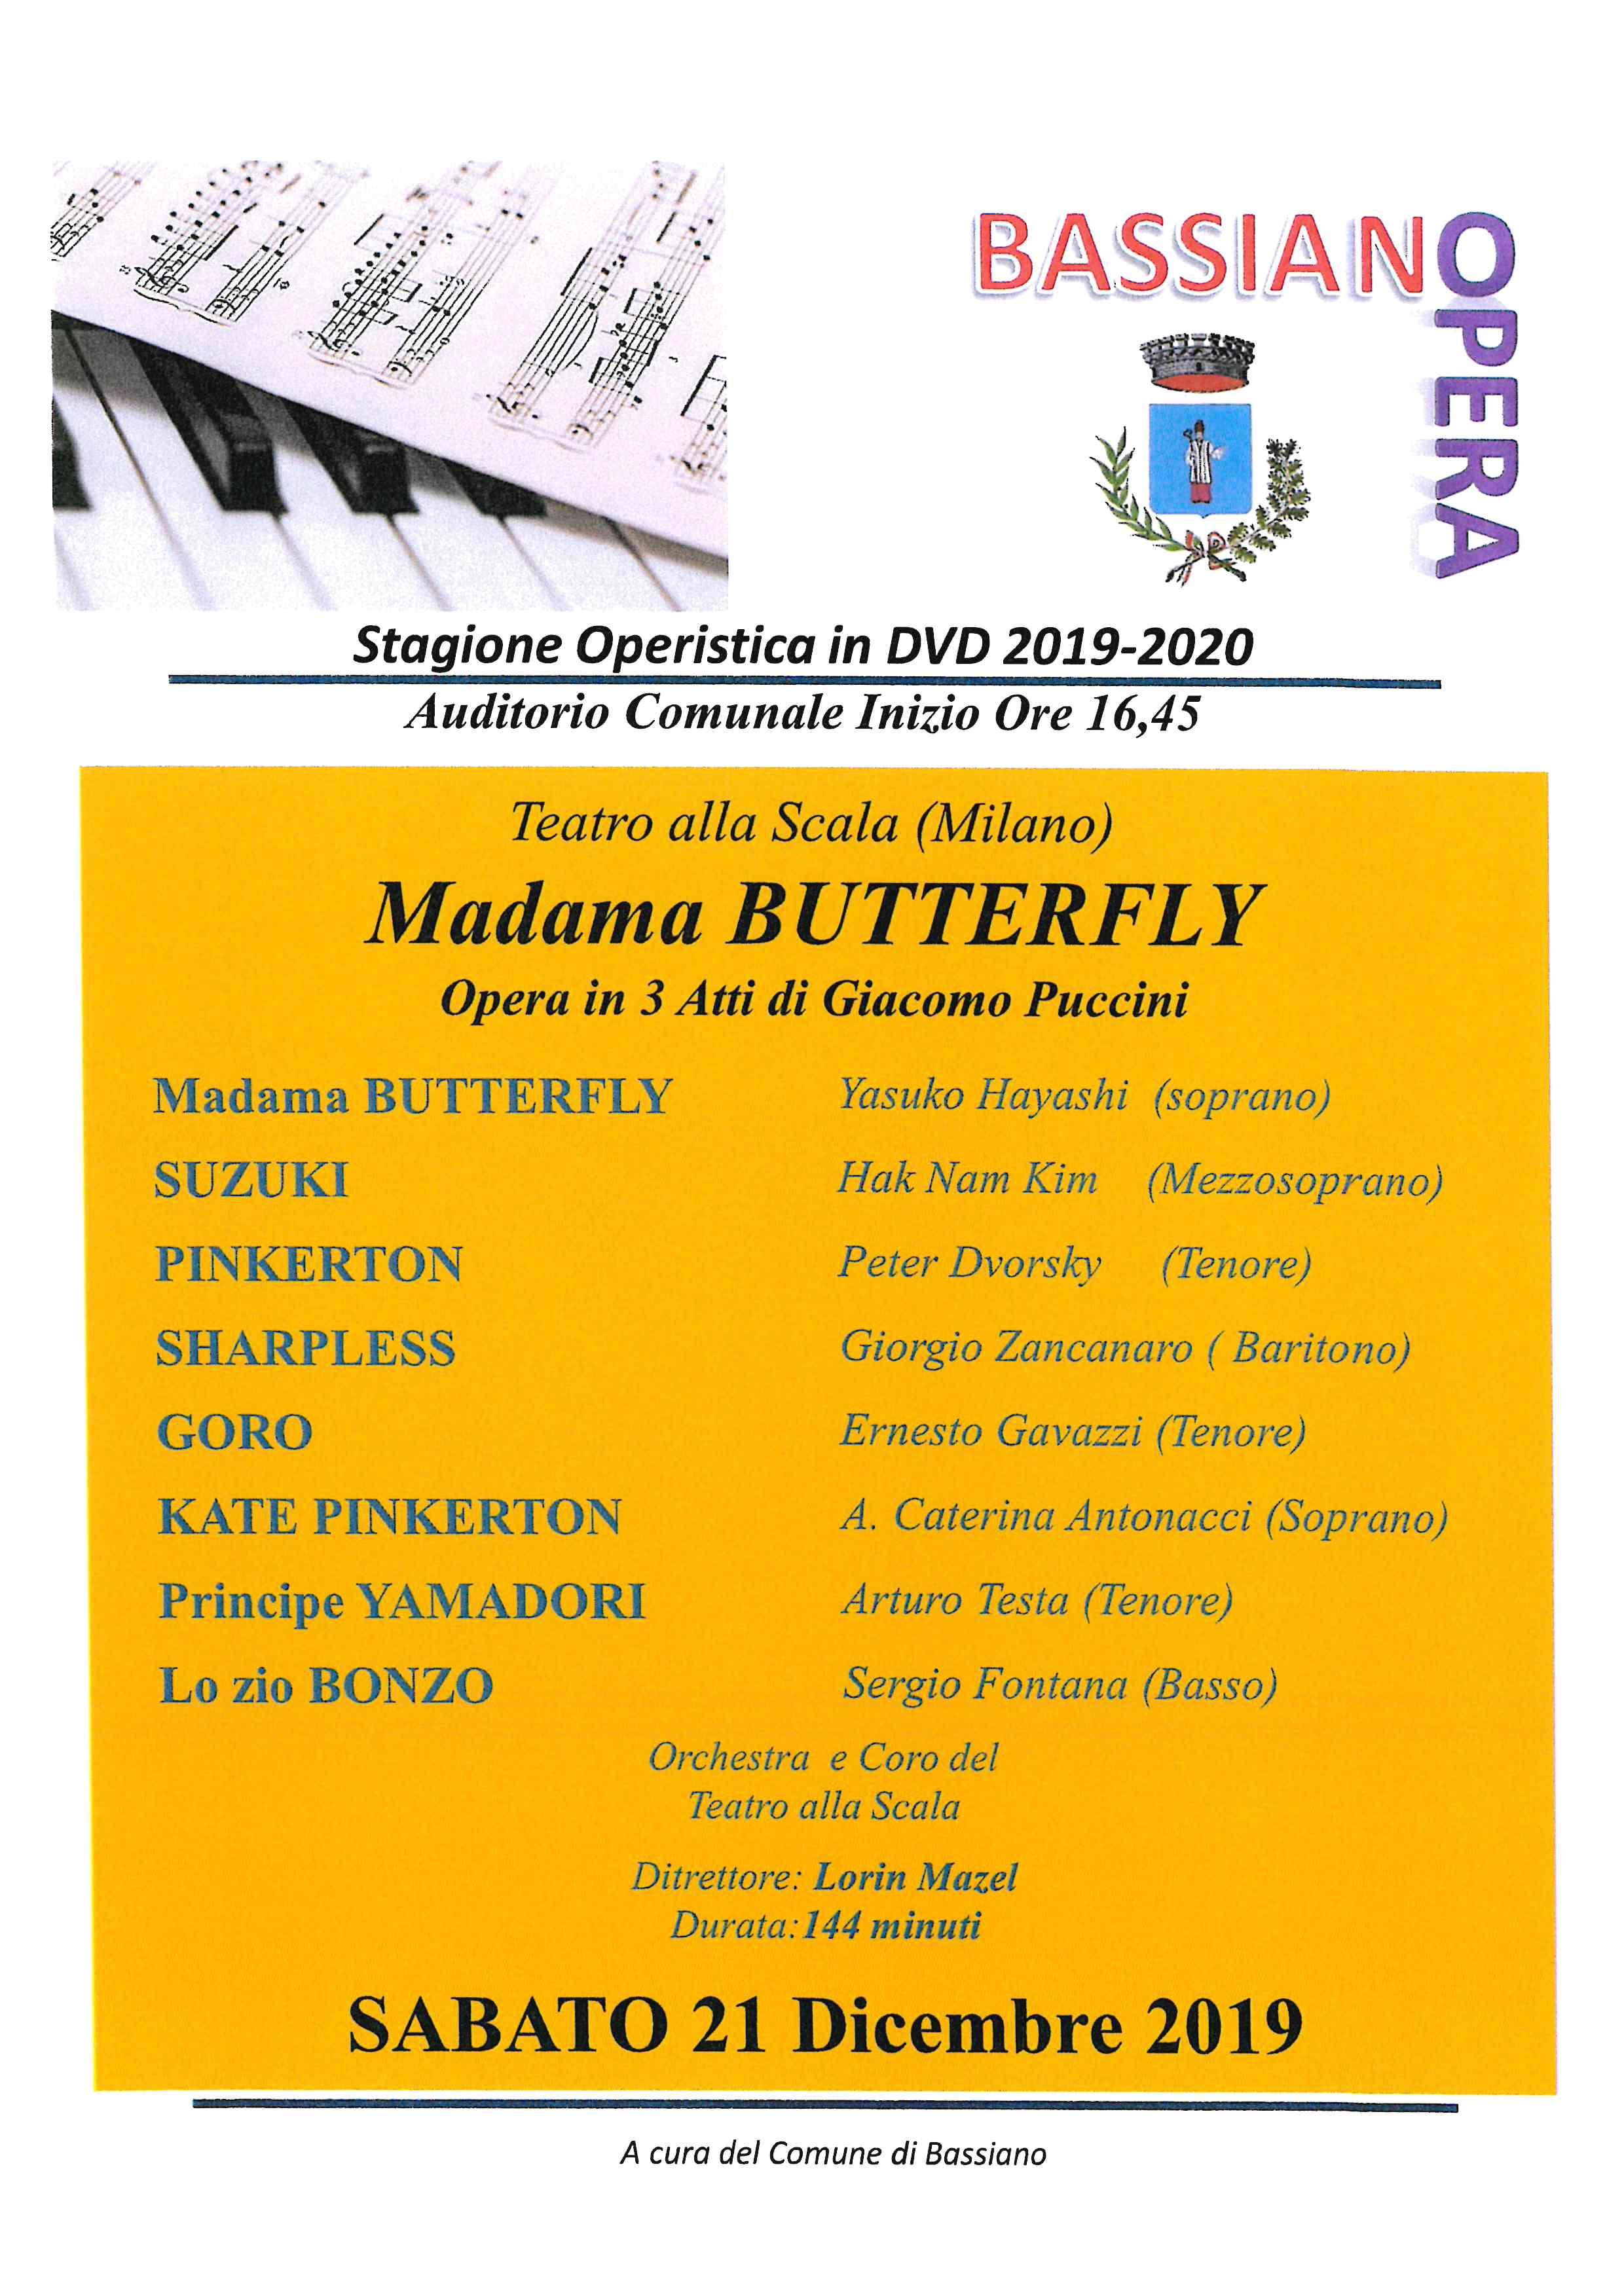 MADAMA BUTTERFLY opera in 3 Atti di Giacomo Puccini